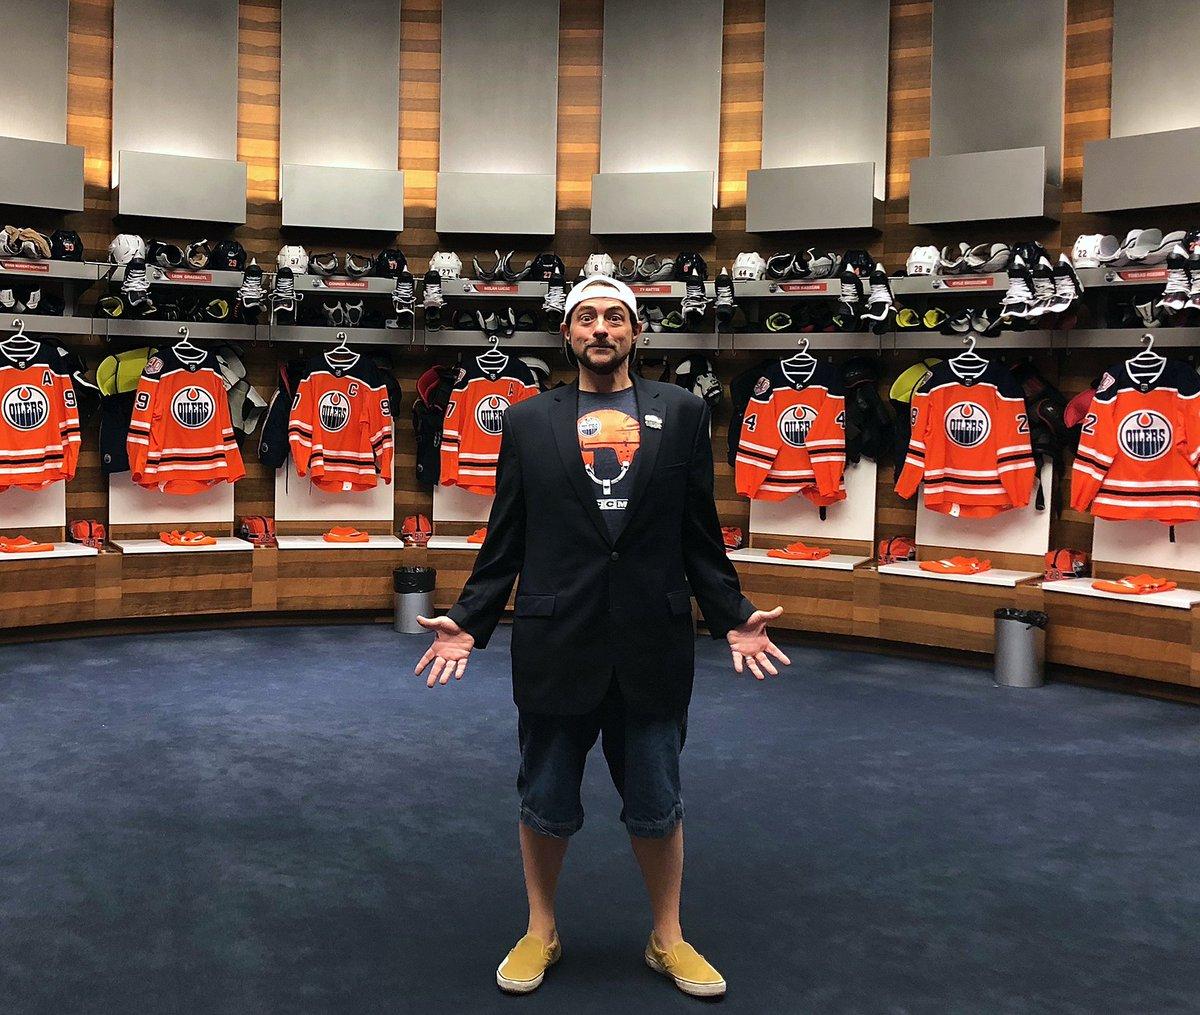 best sneakers f5fad 0baa4 Edmonton Oilers on Twitter: